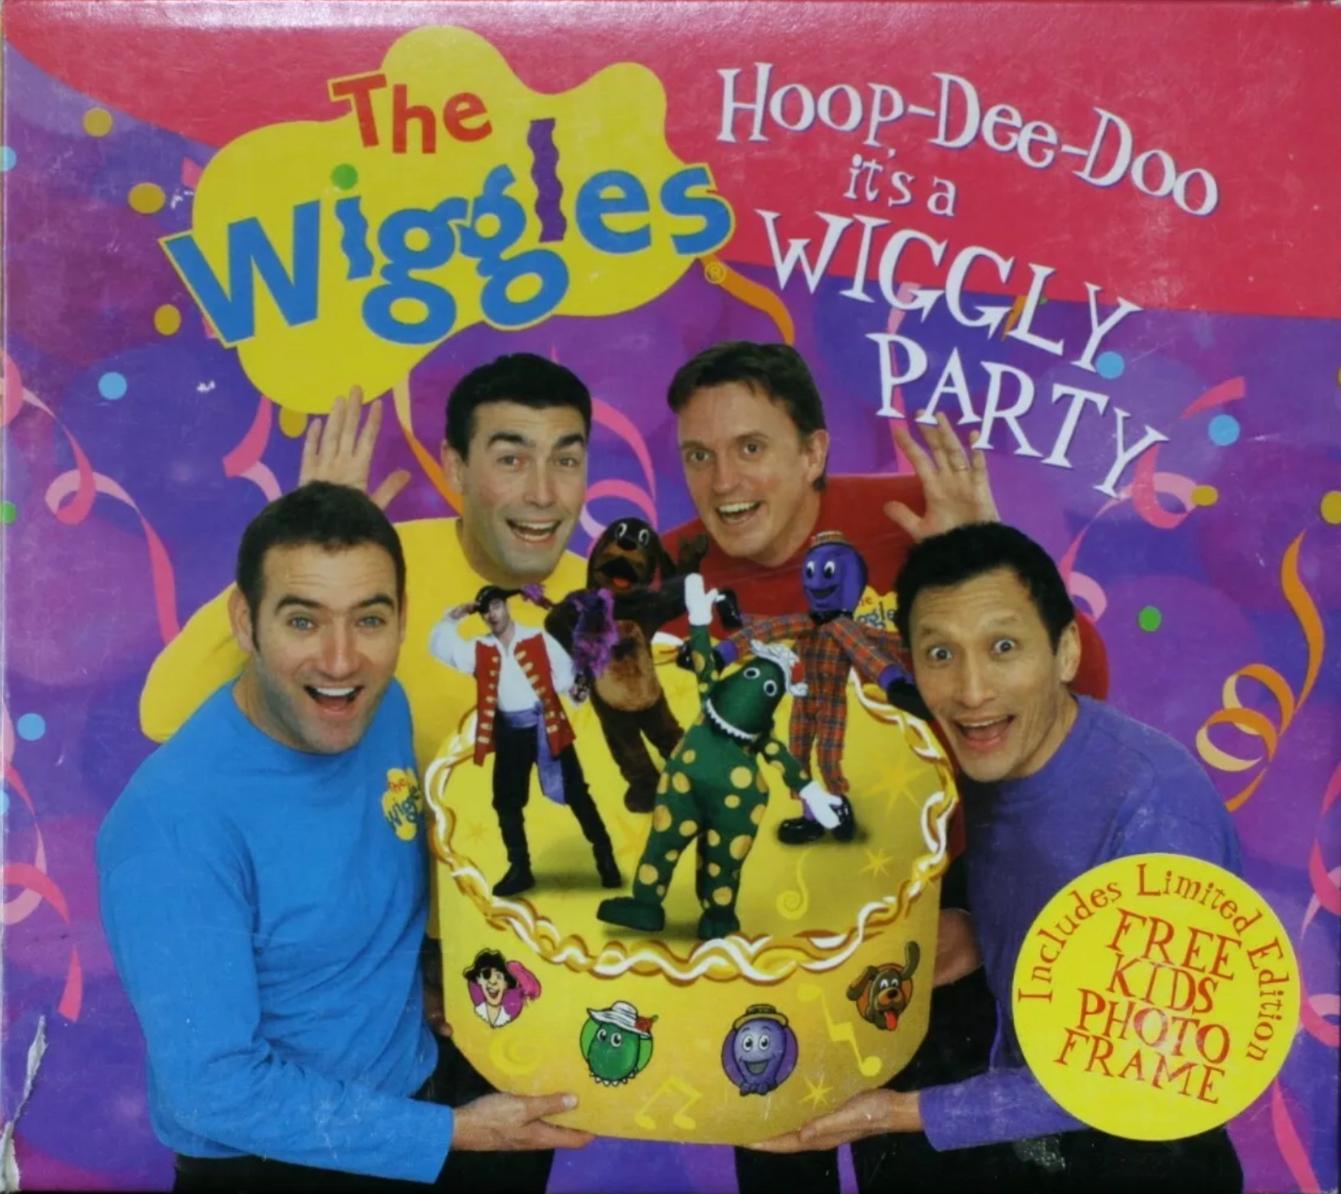 Hoop-Dee-Doo it's a Wiggly Party (album)/Gallery